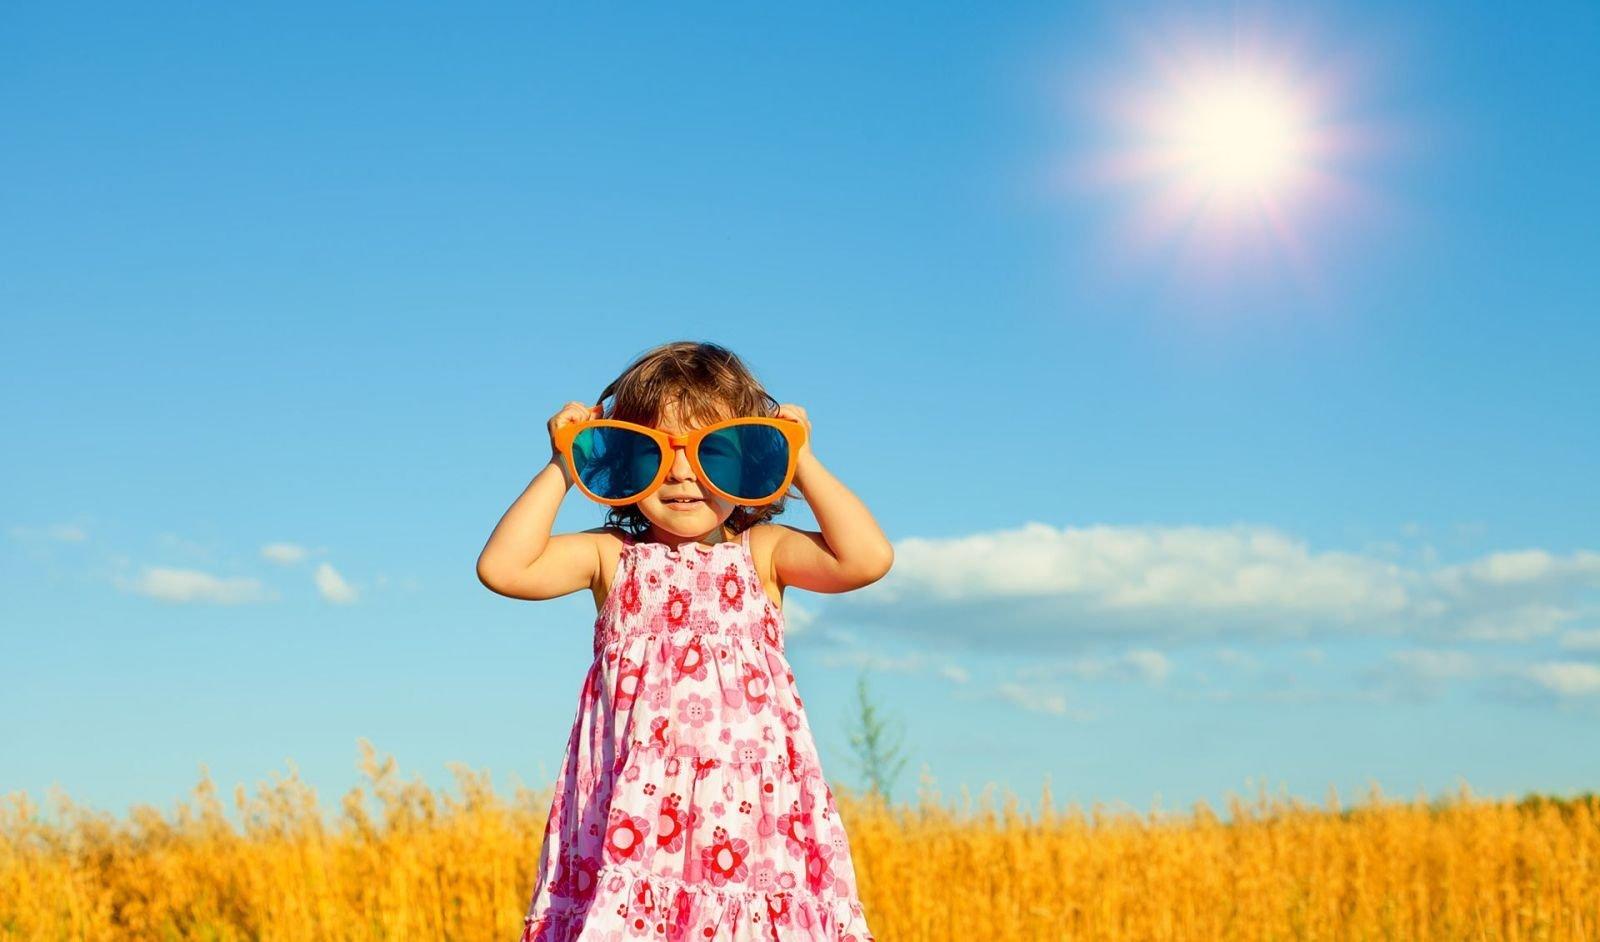 Спека до +40 градусів і відсутність дощів: синоптики оприлюднили прогноз погоди на серпень